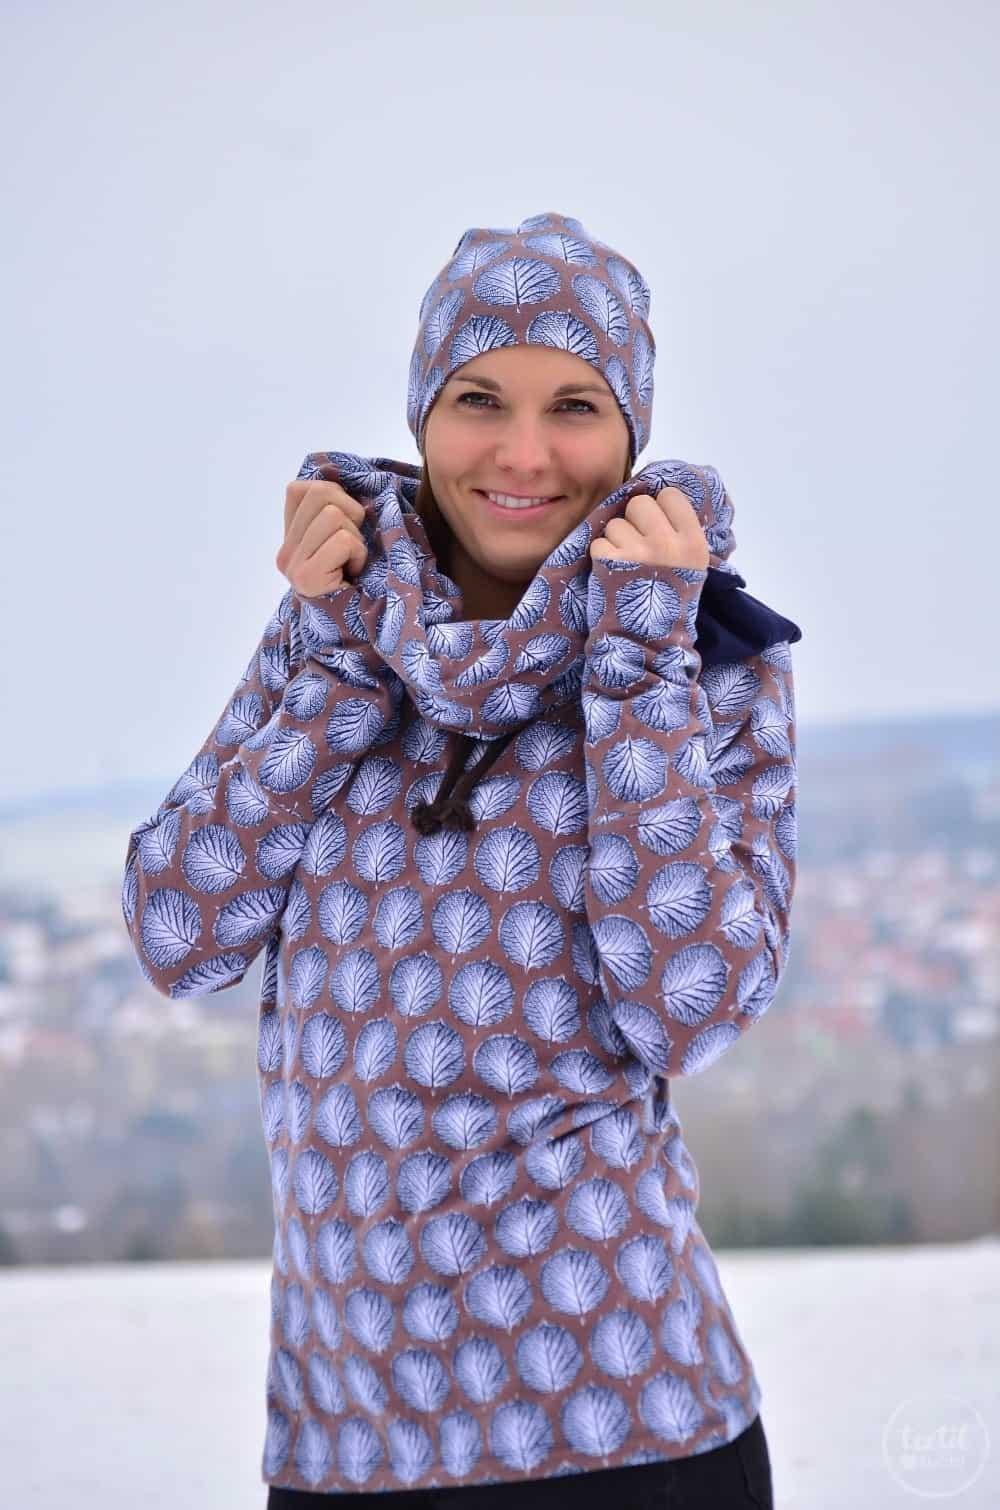 Mein neues selbstgenähtes Wintershirt: Lillestoff Winterblatt trifft auch Frau Madita - Bild 3   textilsucht.de